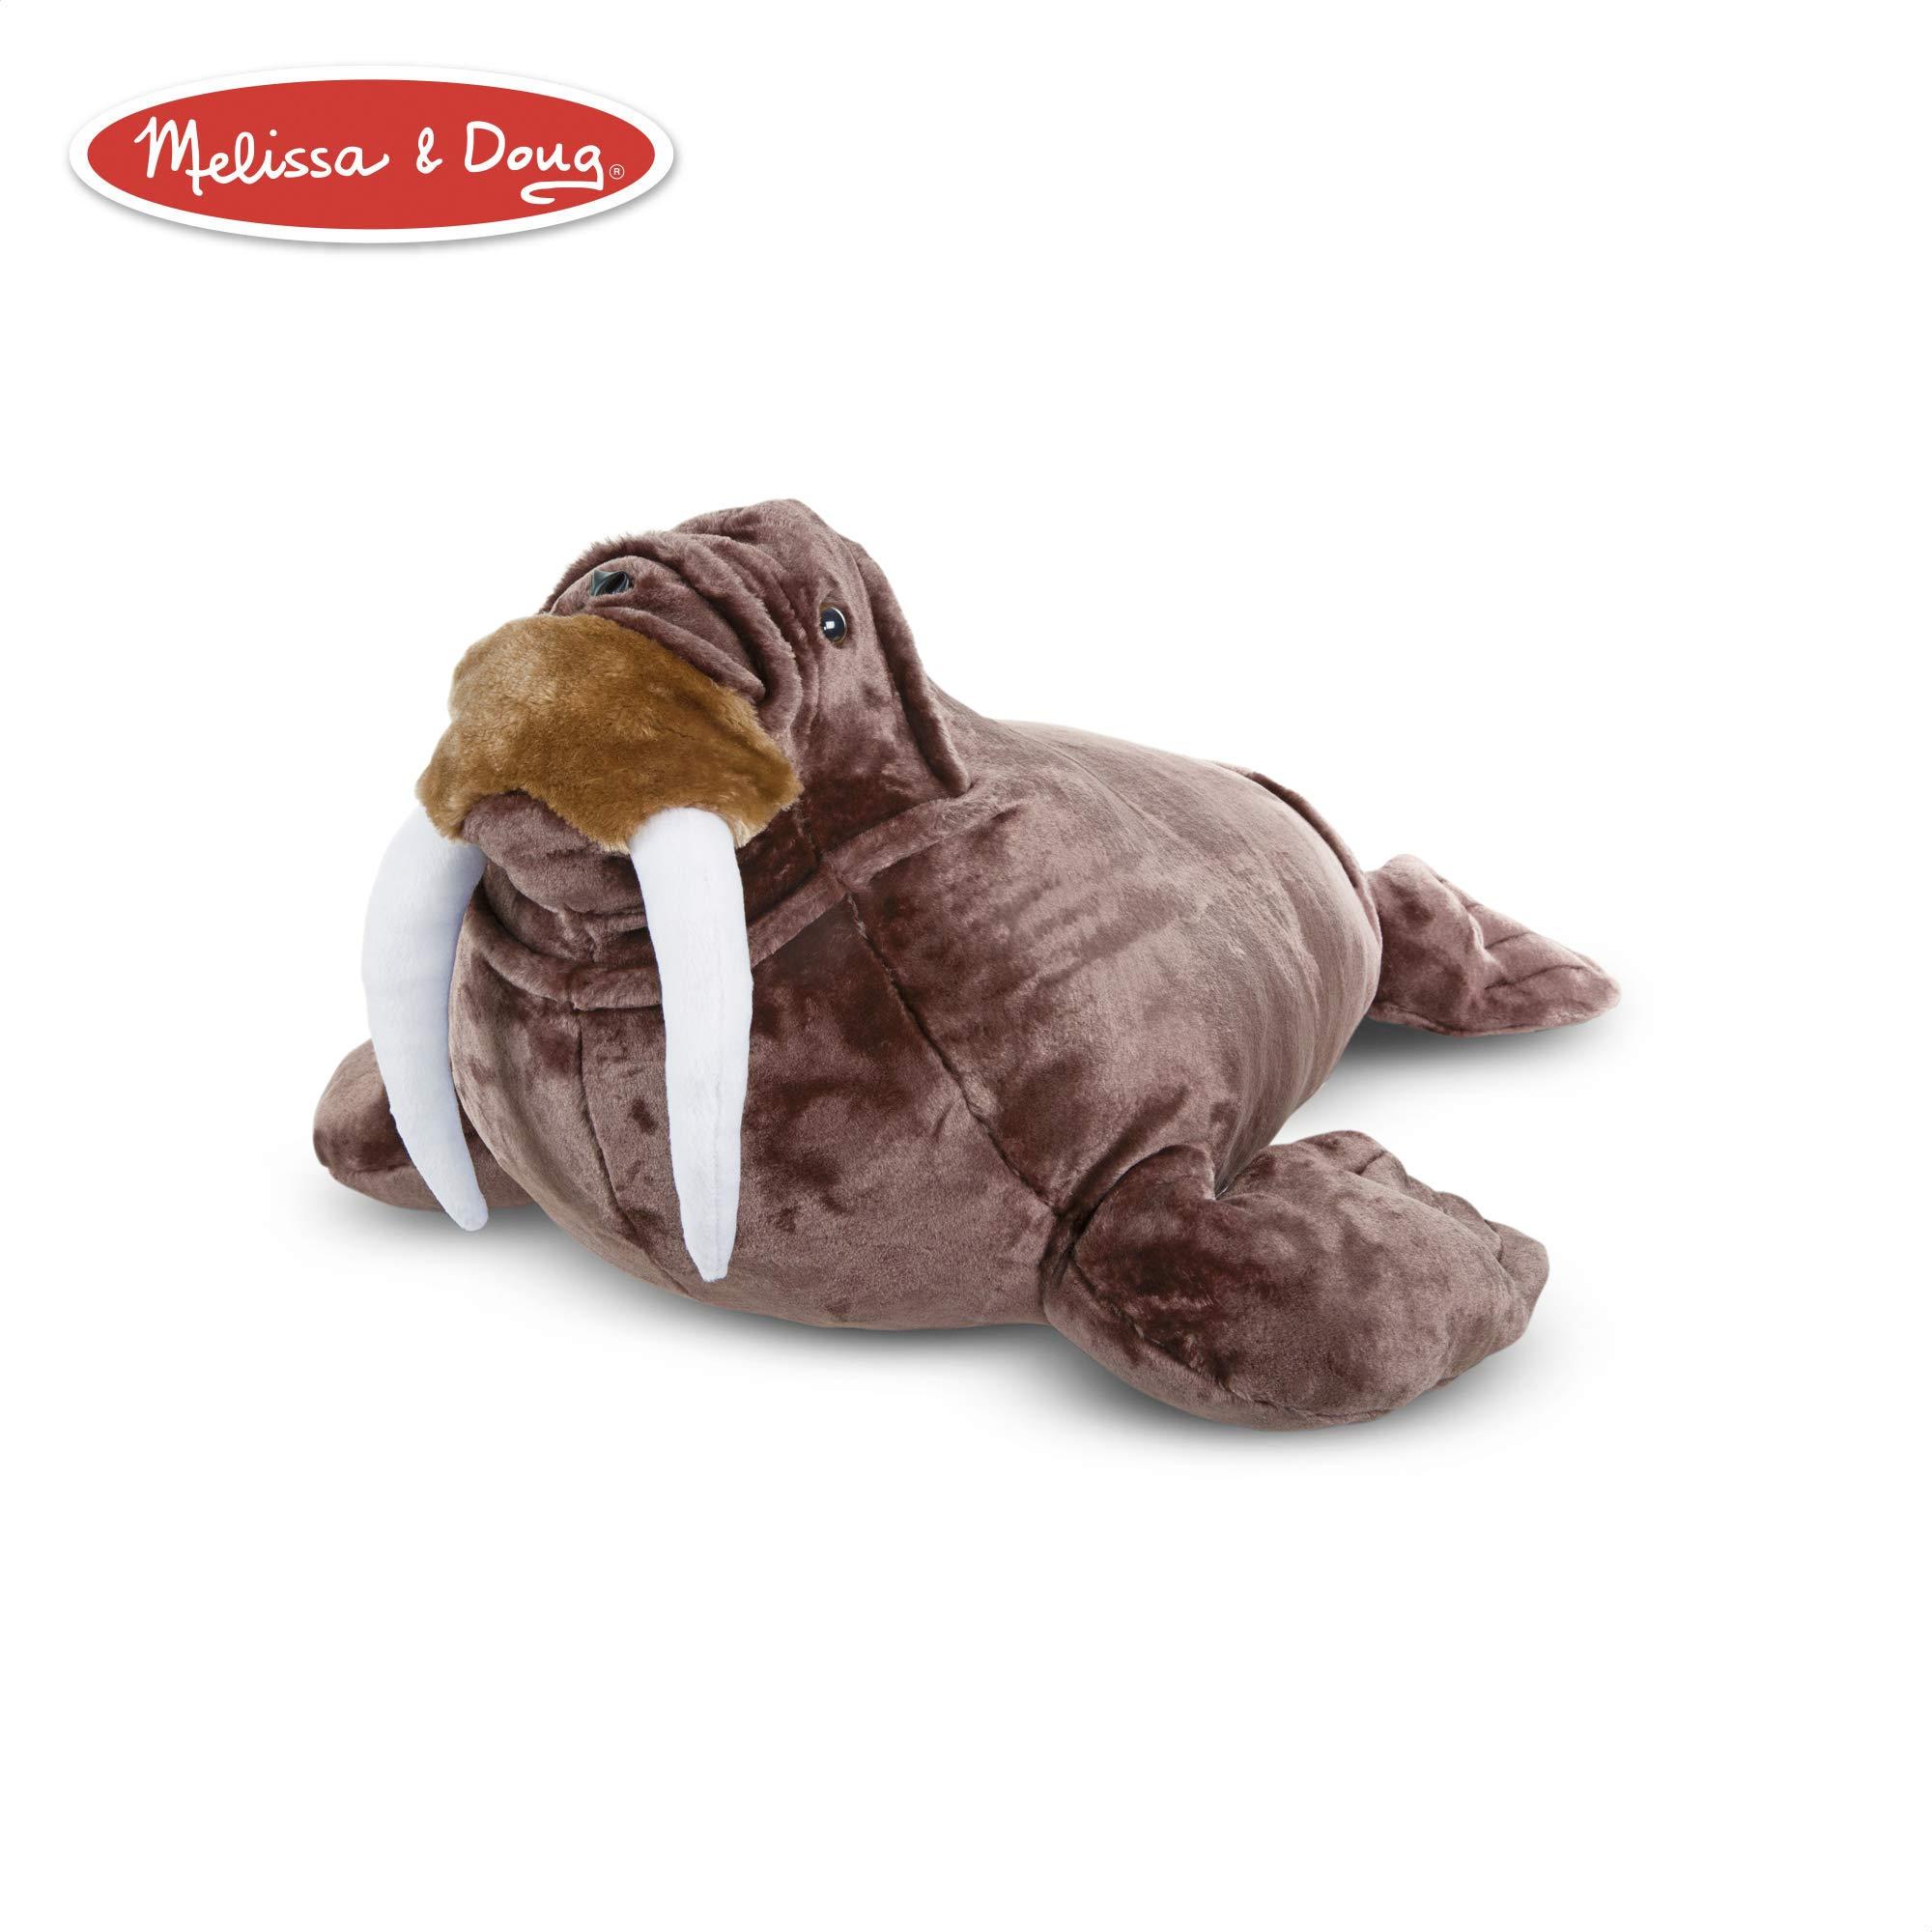 Melissa & Doug Giant Walrus - Lifelike Stuffed Animal (nearly 3 feet long) by Melissa & Doug